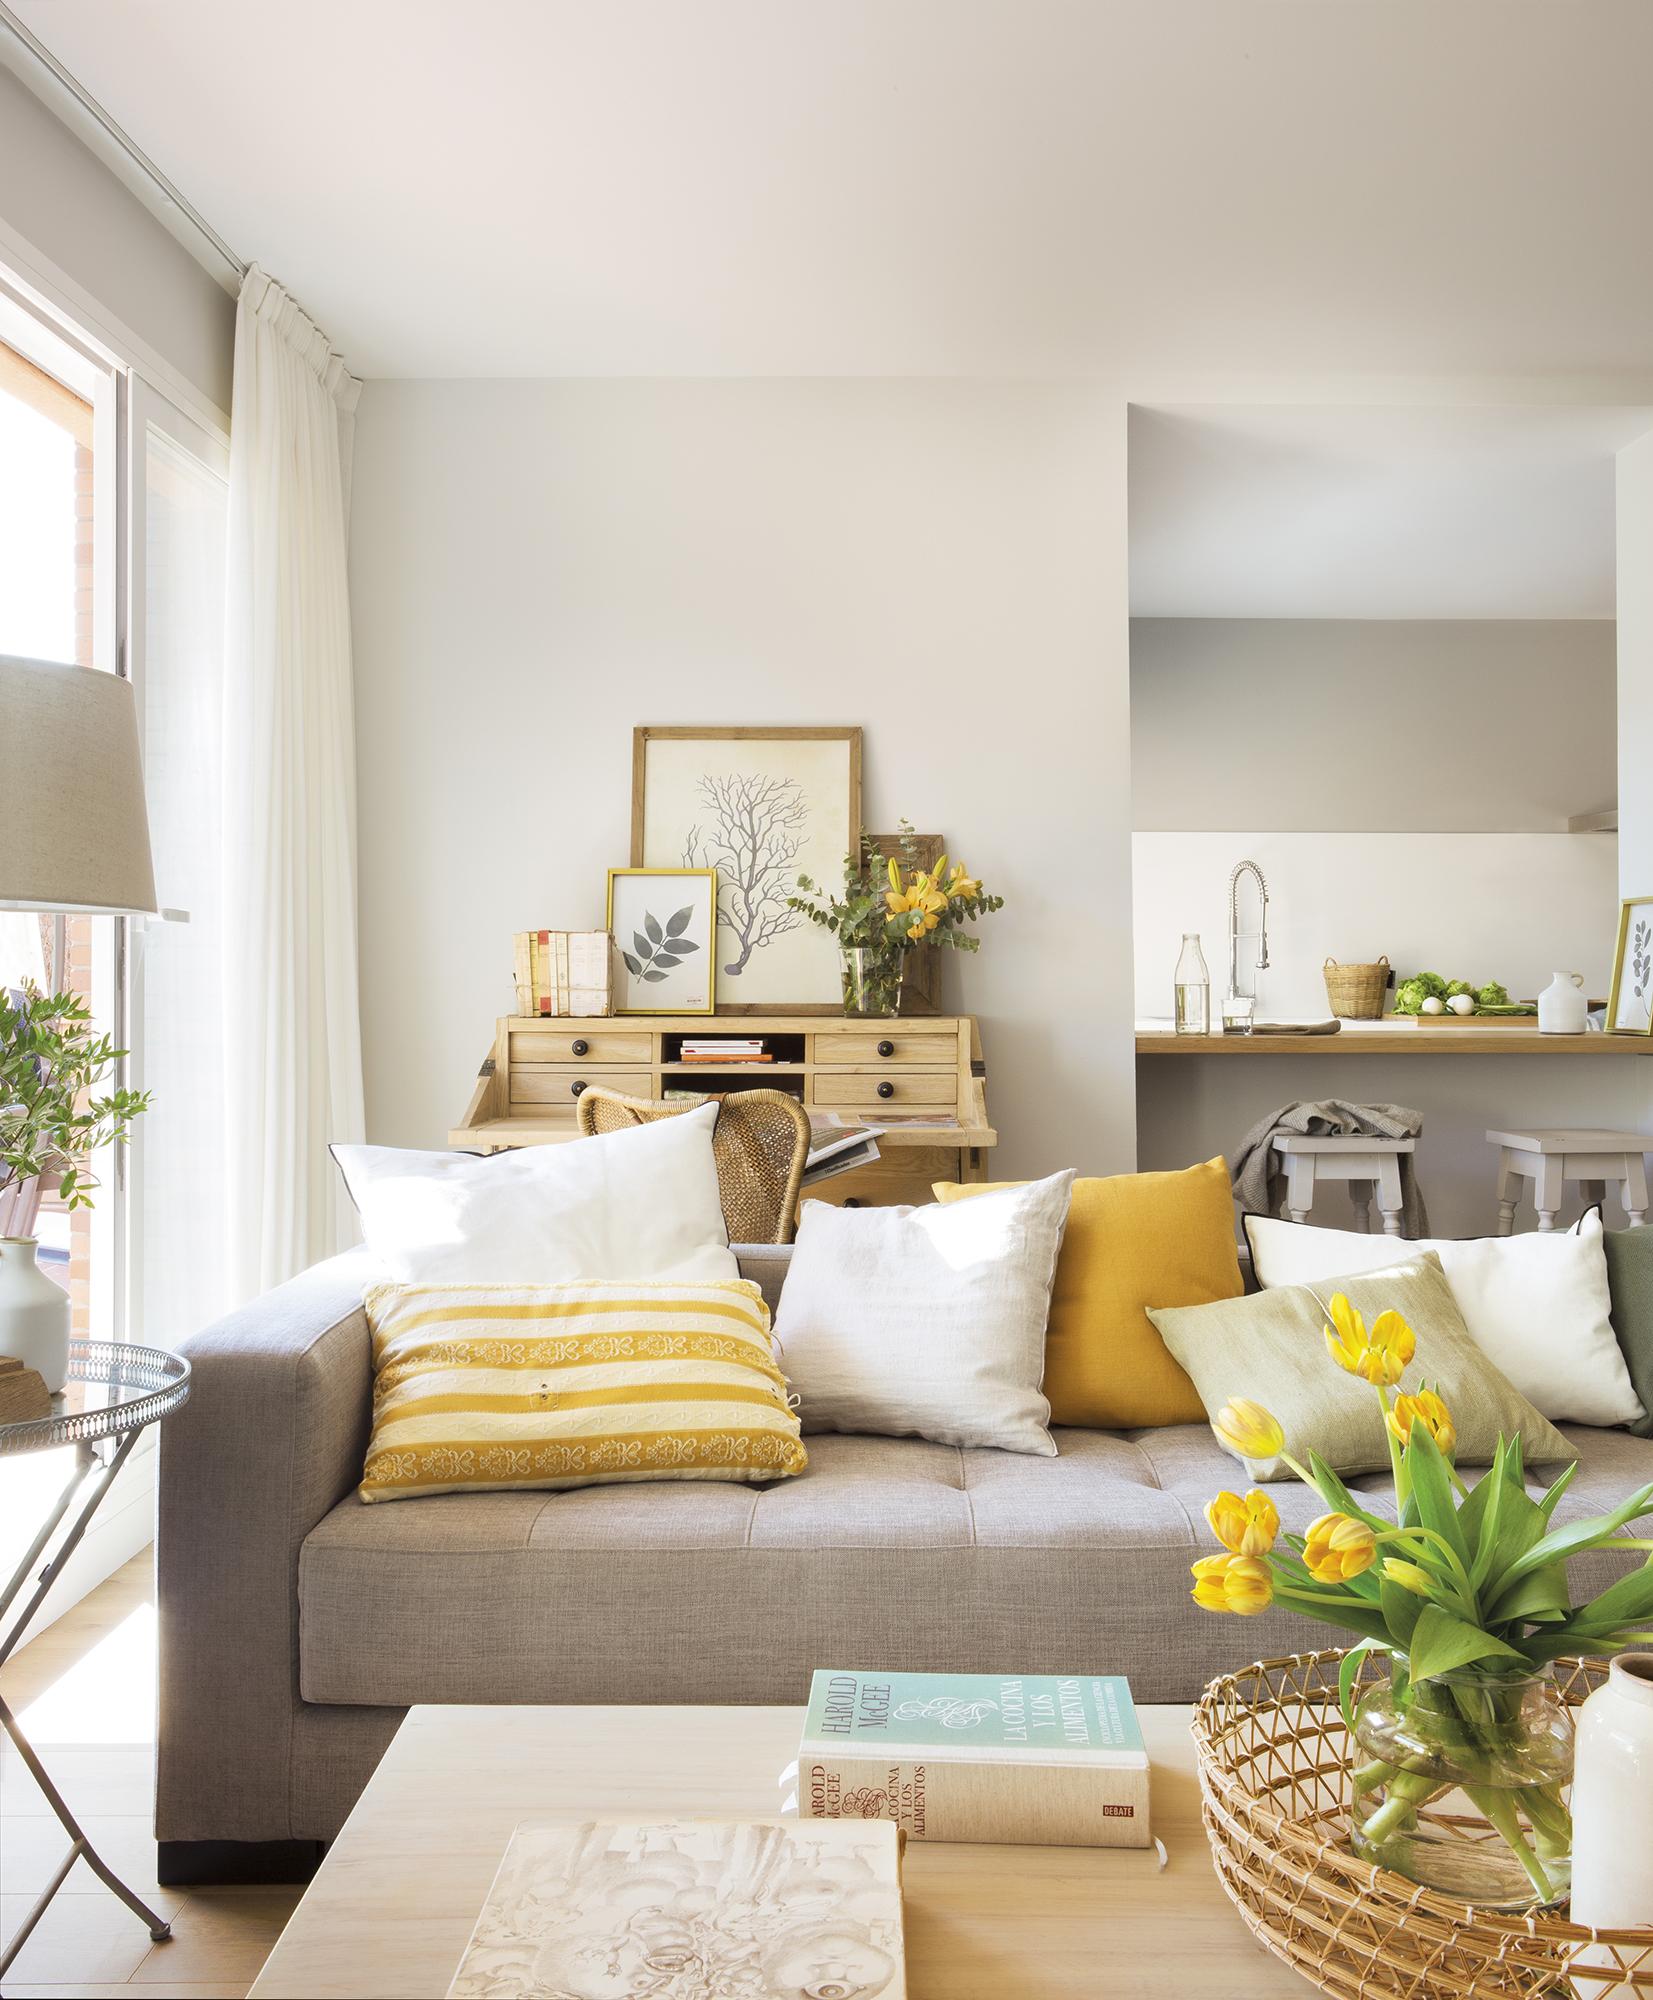 Una casa comod sima con una cocina abierta y un gran vestidor - Alicatar cocina detras muebles ...